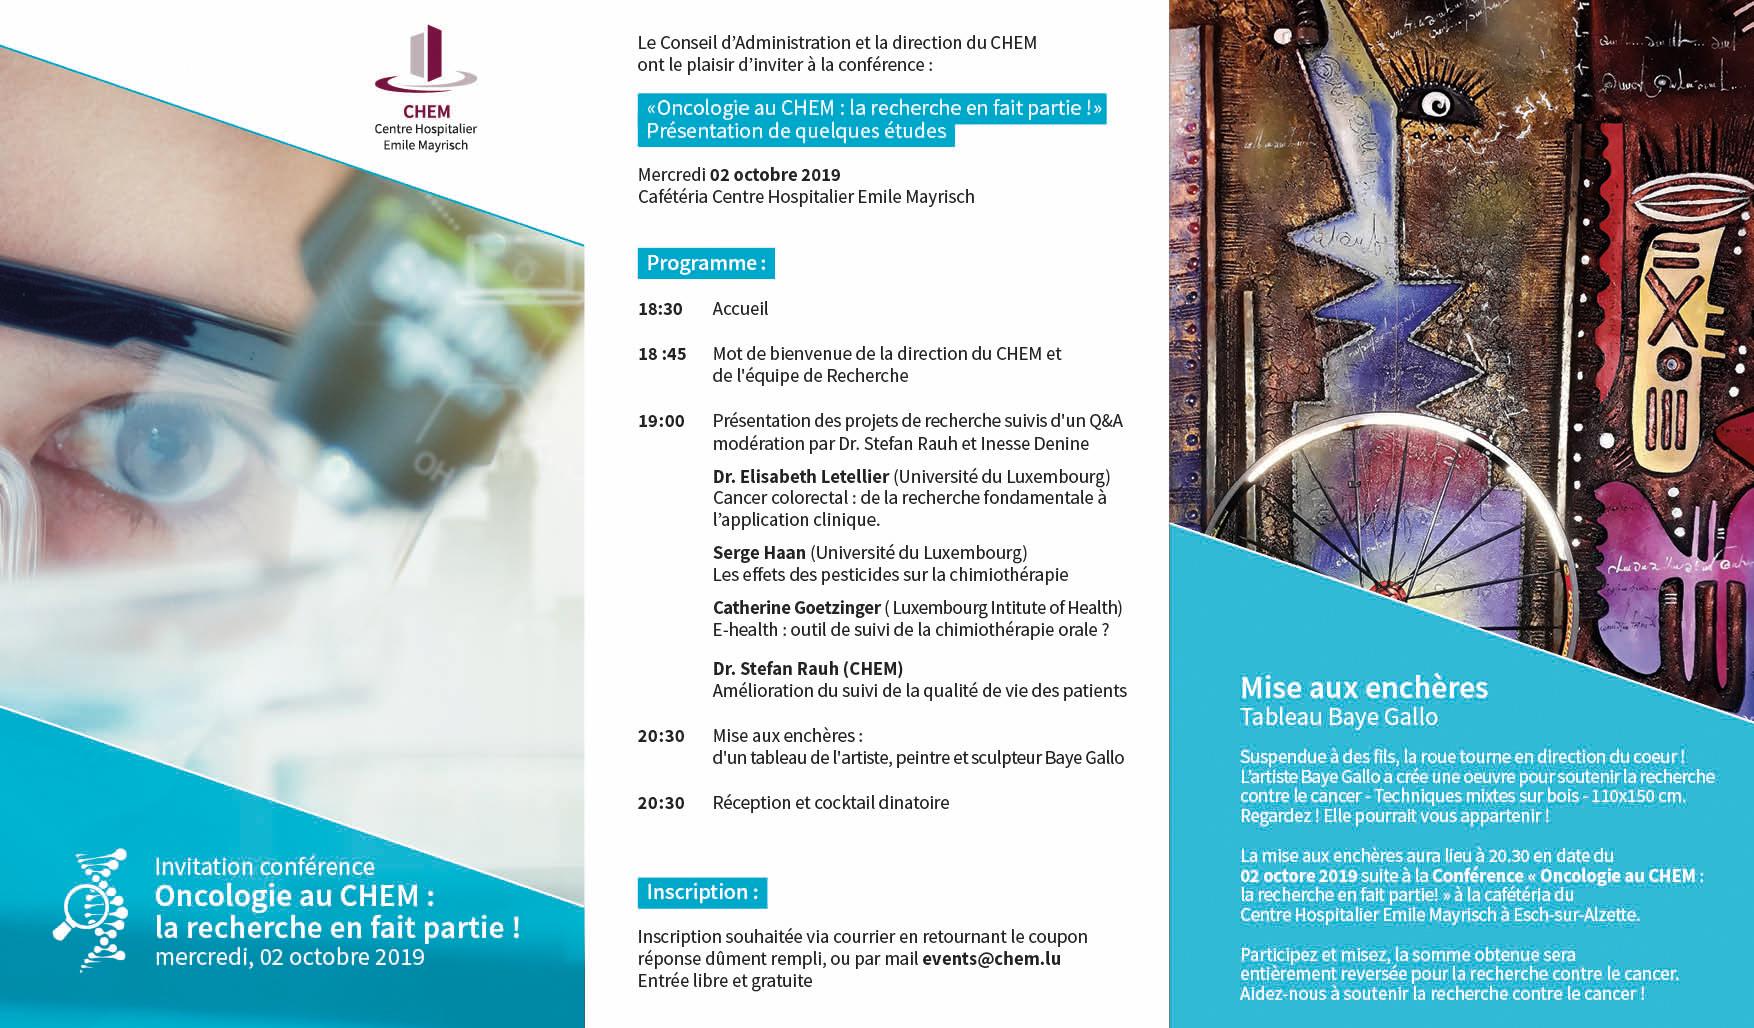 La recherche en oncologie : Invitation à une conférence au Centre Hospitalier Emile Mayrisch